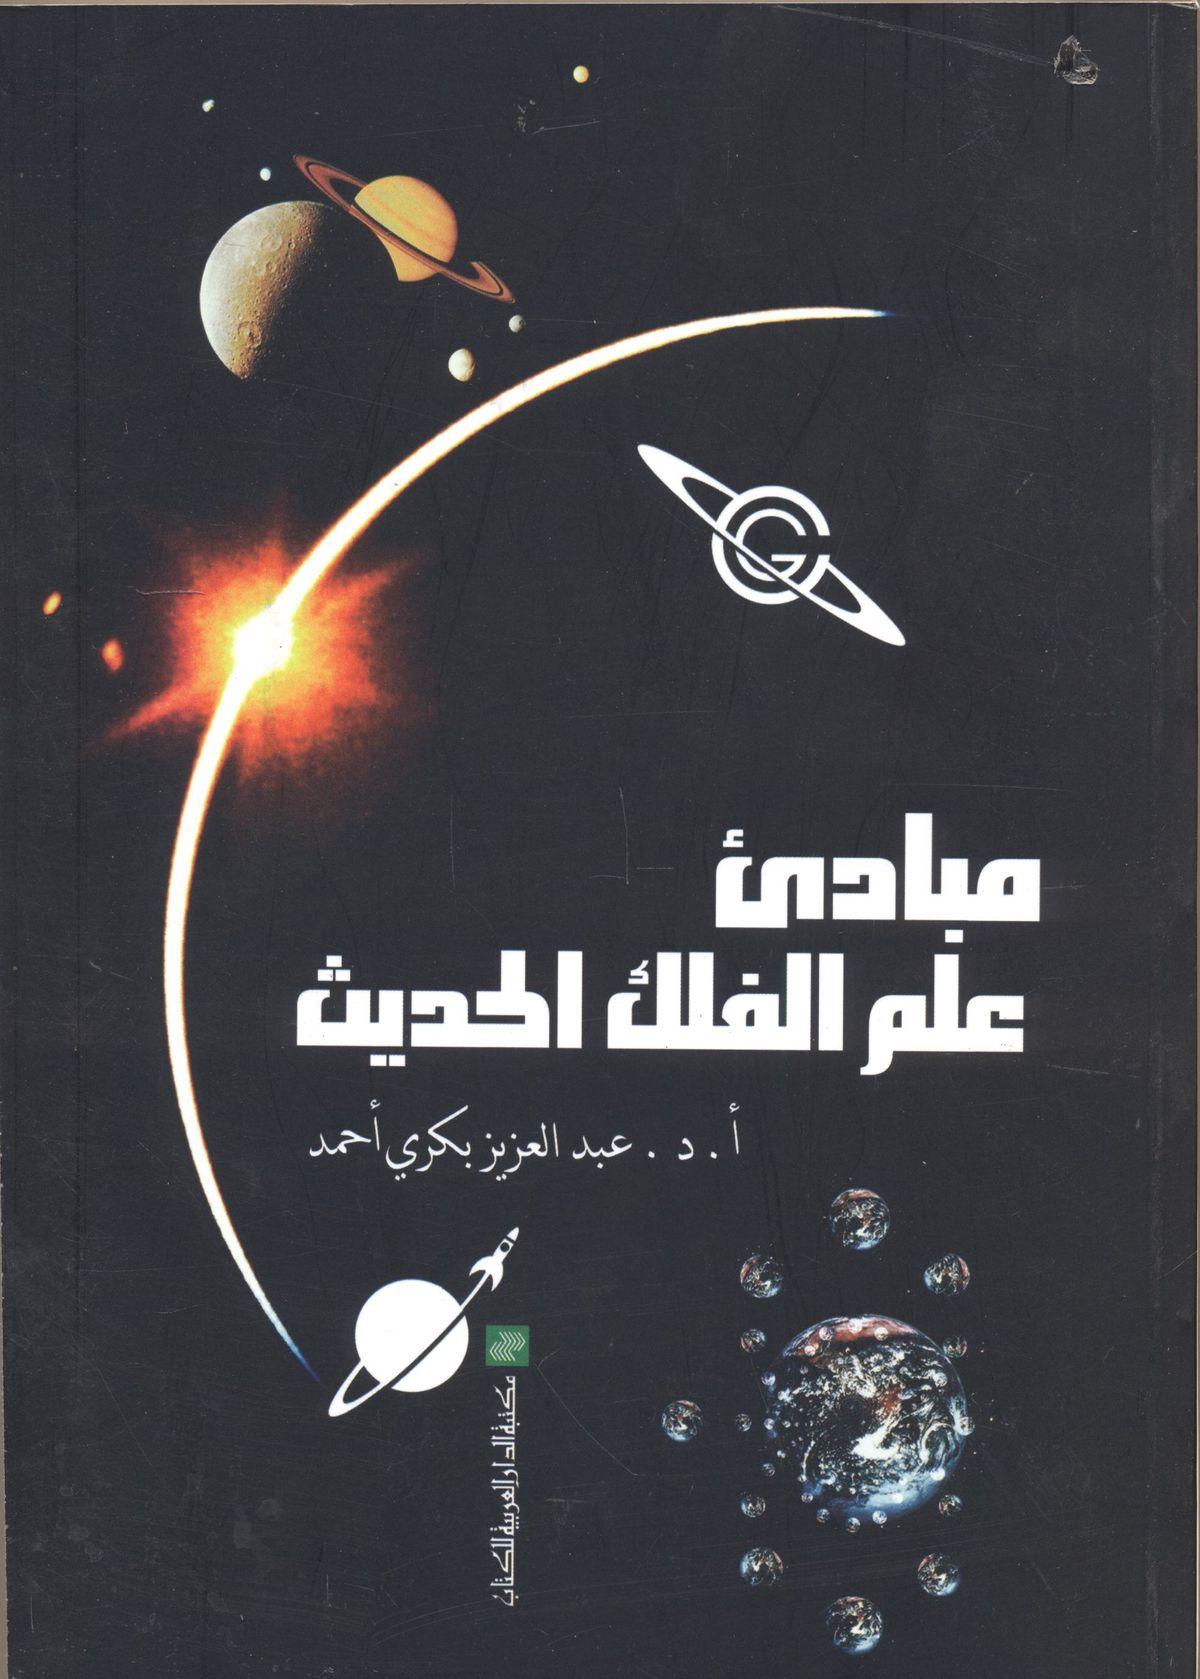 مبادئ علم الفلك الحديث كتاب المعرفة